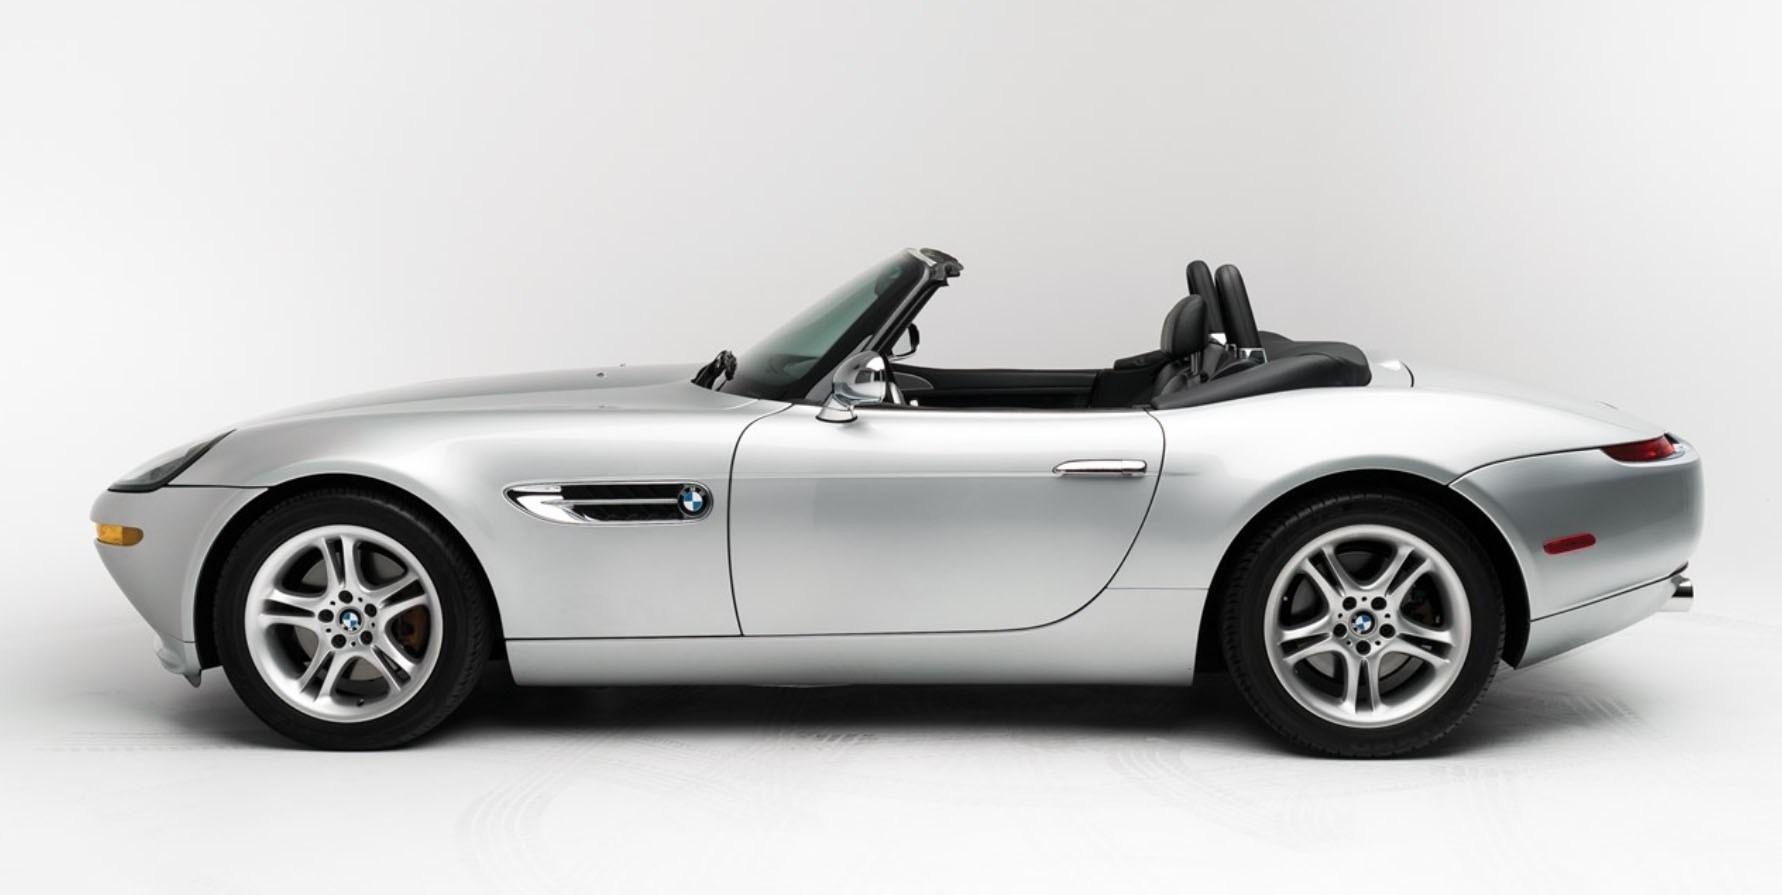 خودروی BMW Z8 متعلق به استیو جابز برای به دست آوردن 400 هزار دلار در حراجی قرار خواهد گرفت